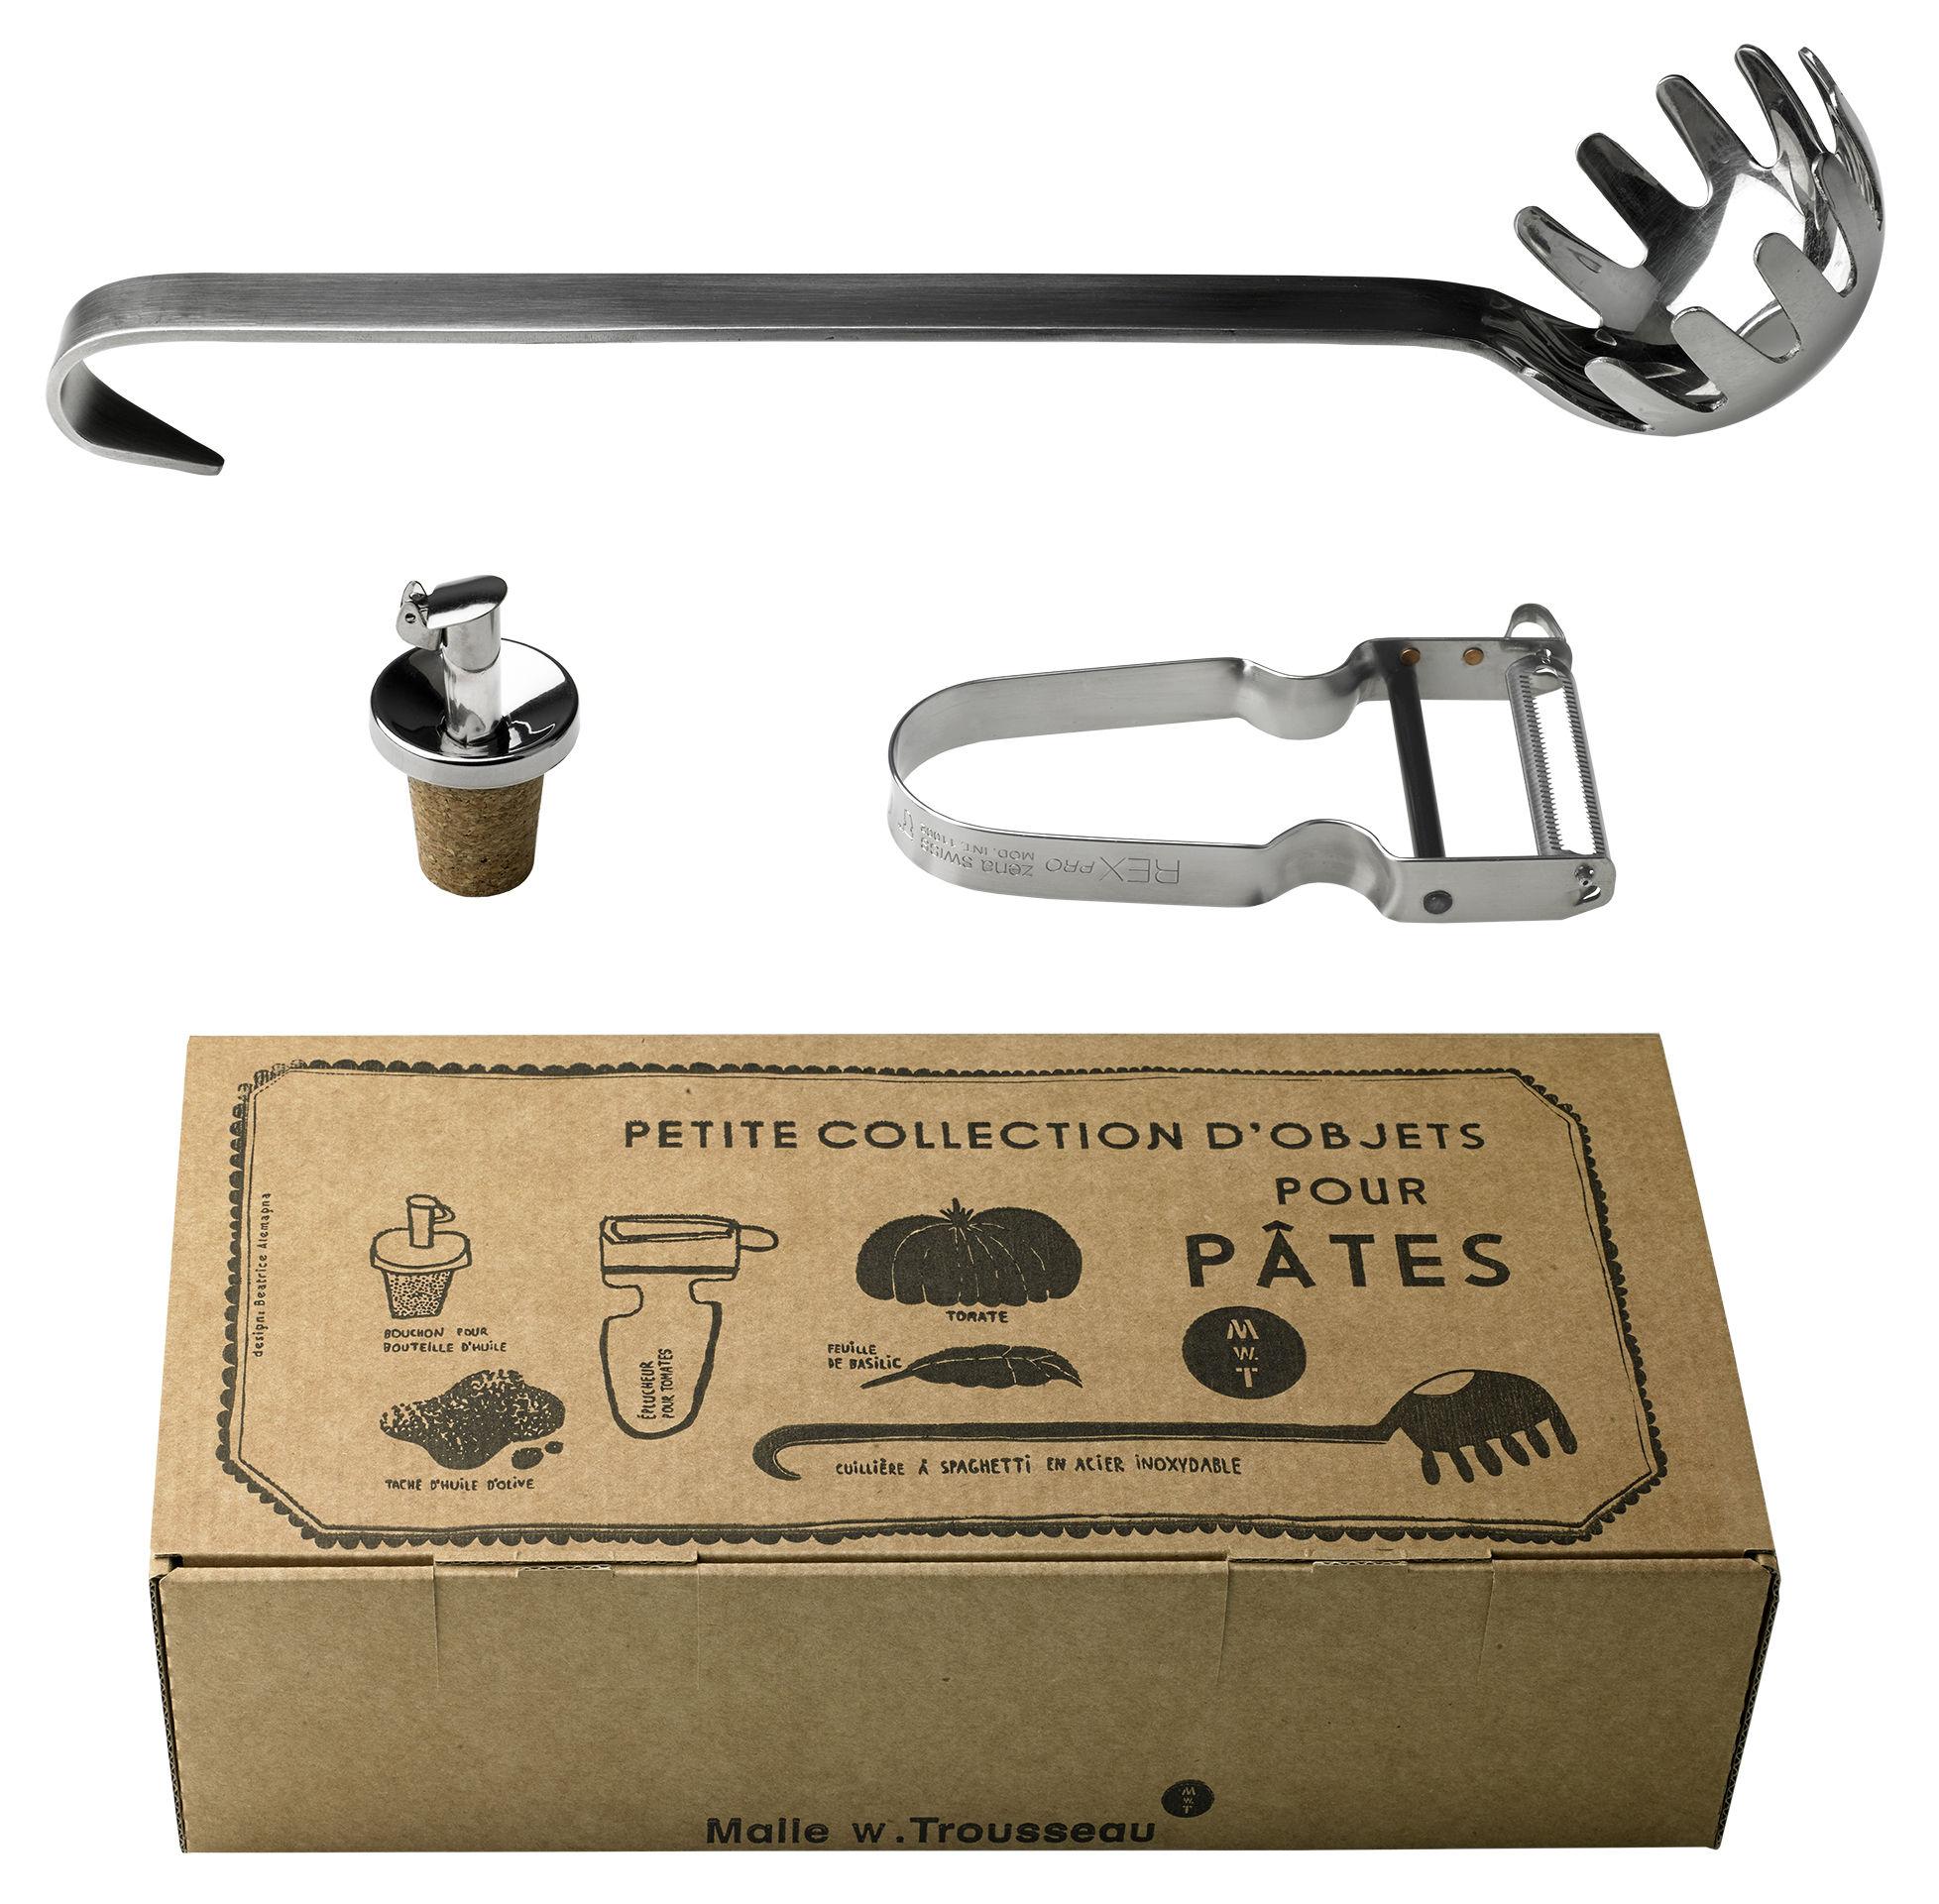 Kitchenware - Kitchen Equipment - Box by Malle W. Trousseau - Acier - Cork, Stainless steel